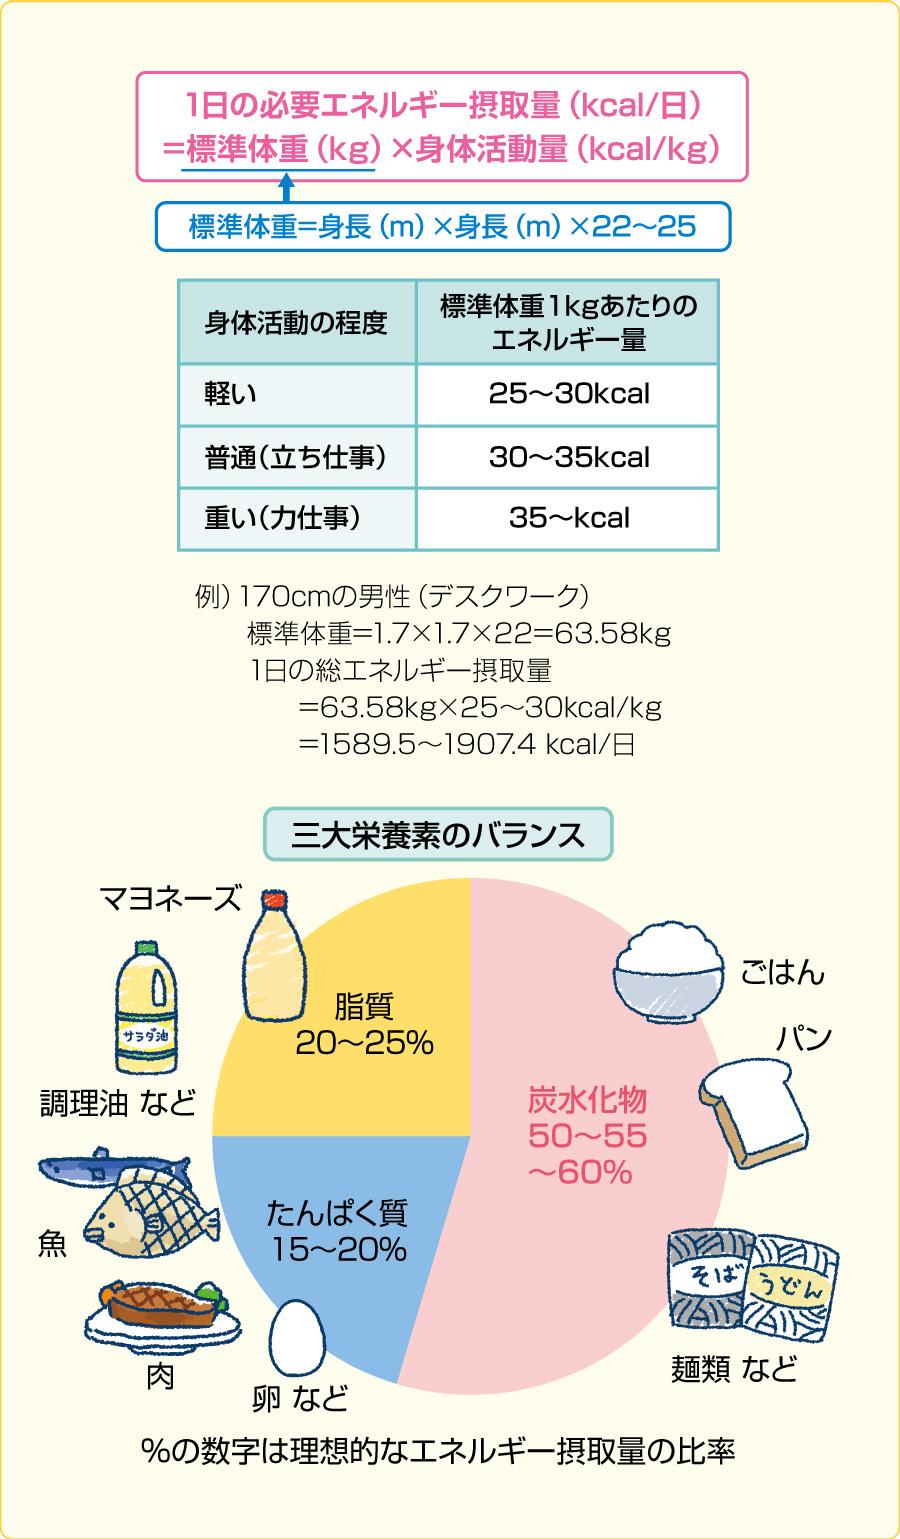 適正エネルギーの求め方と栄養素のバランス(文献7,8を参考に作成)